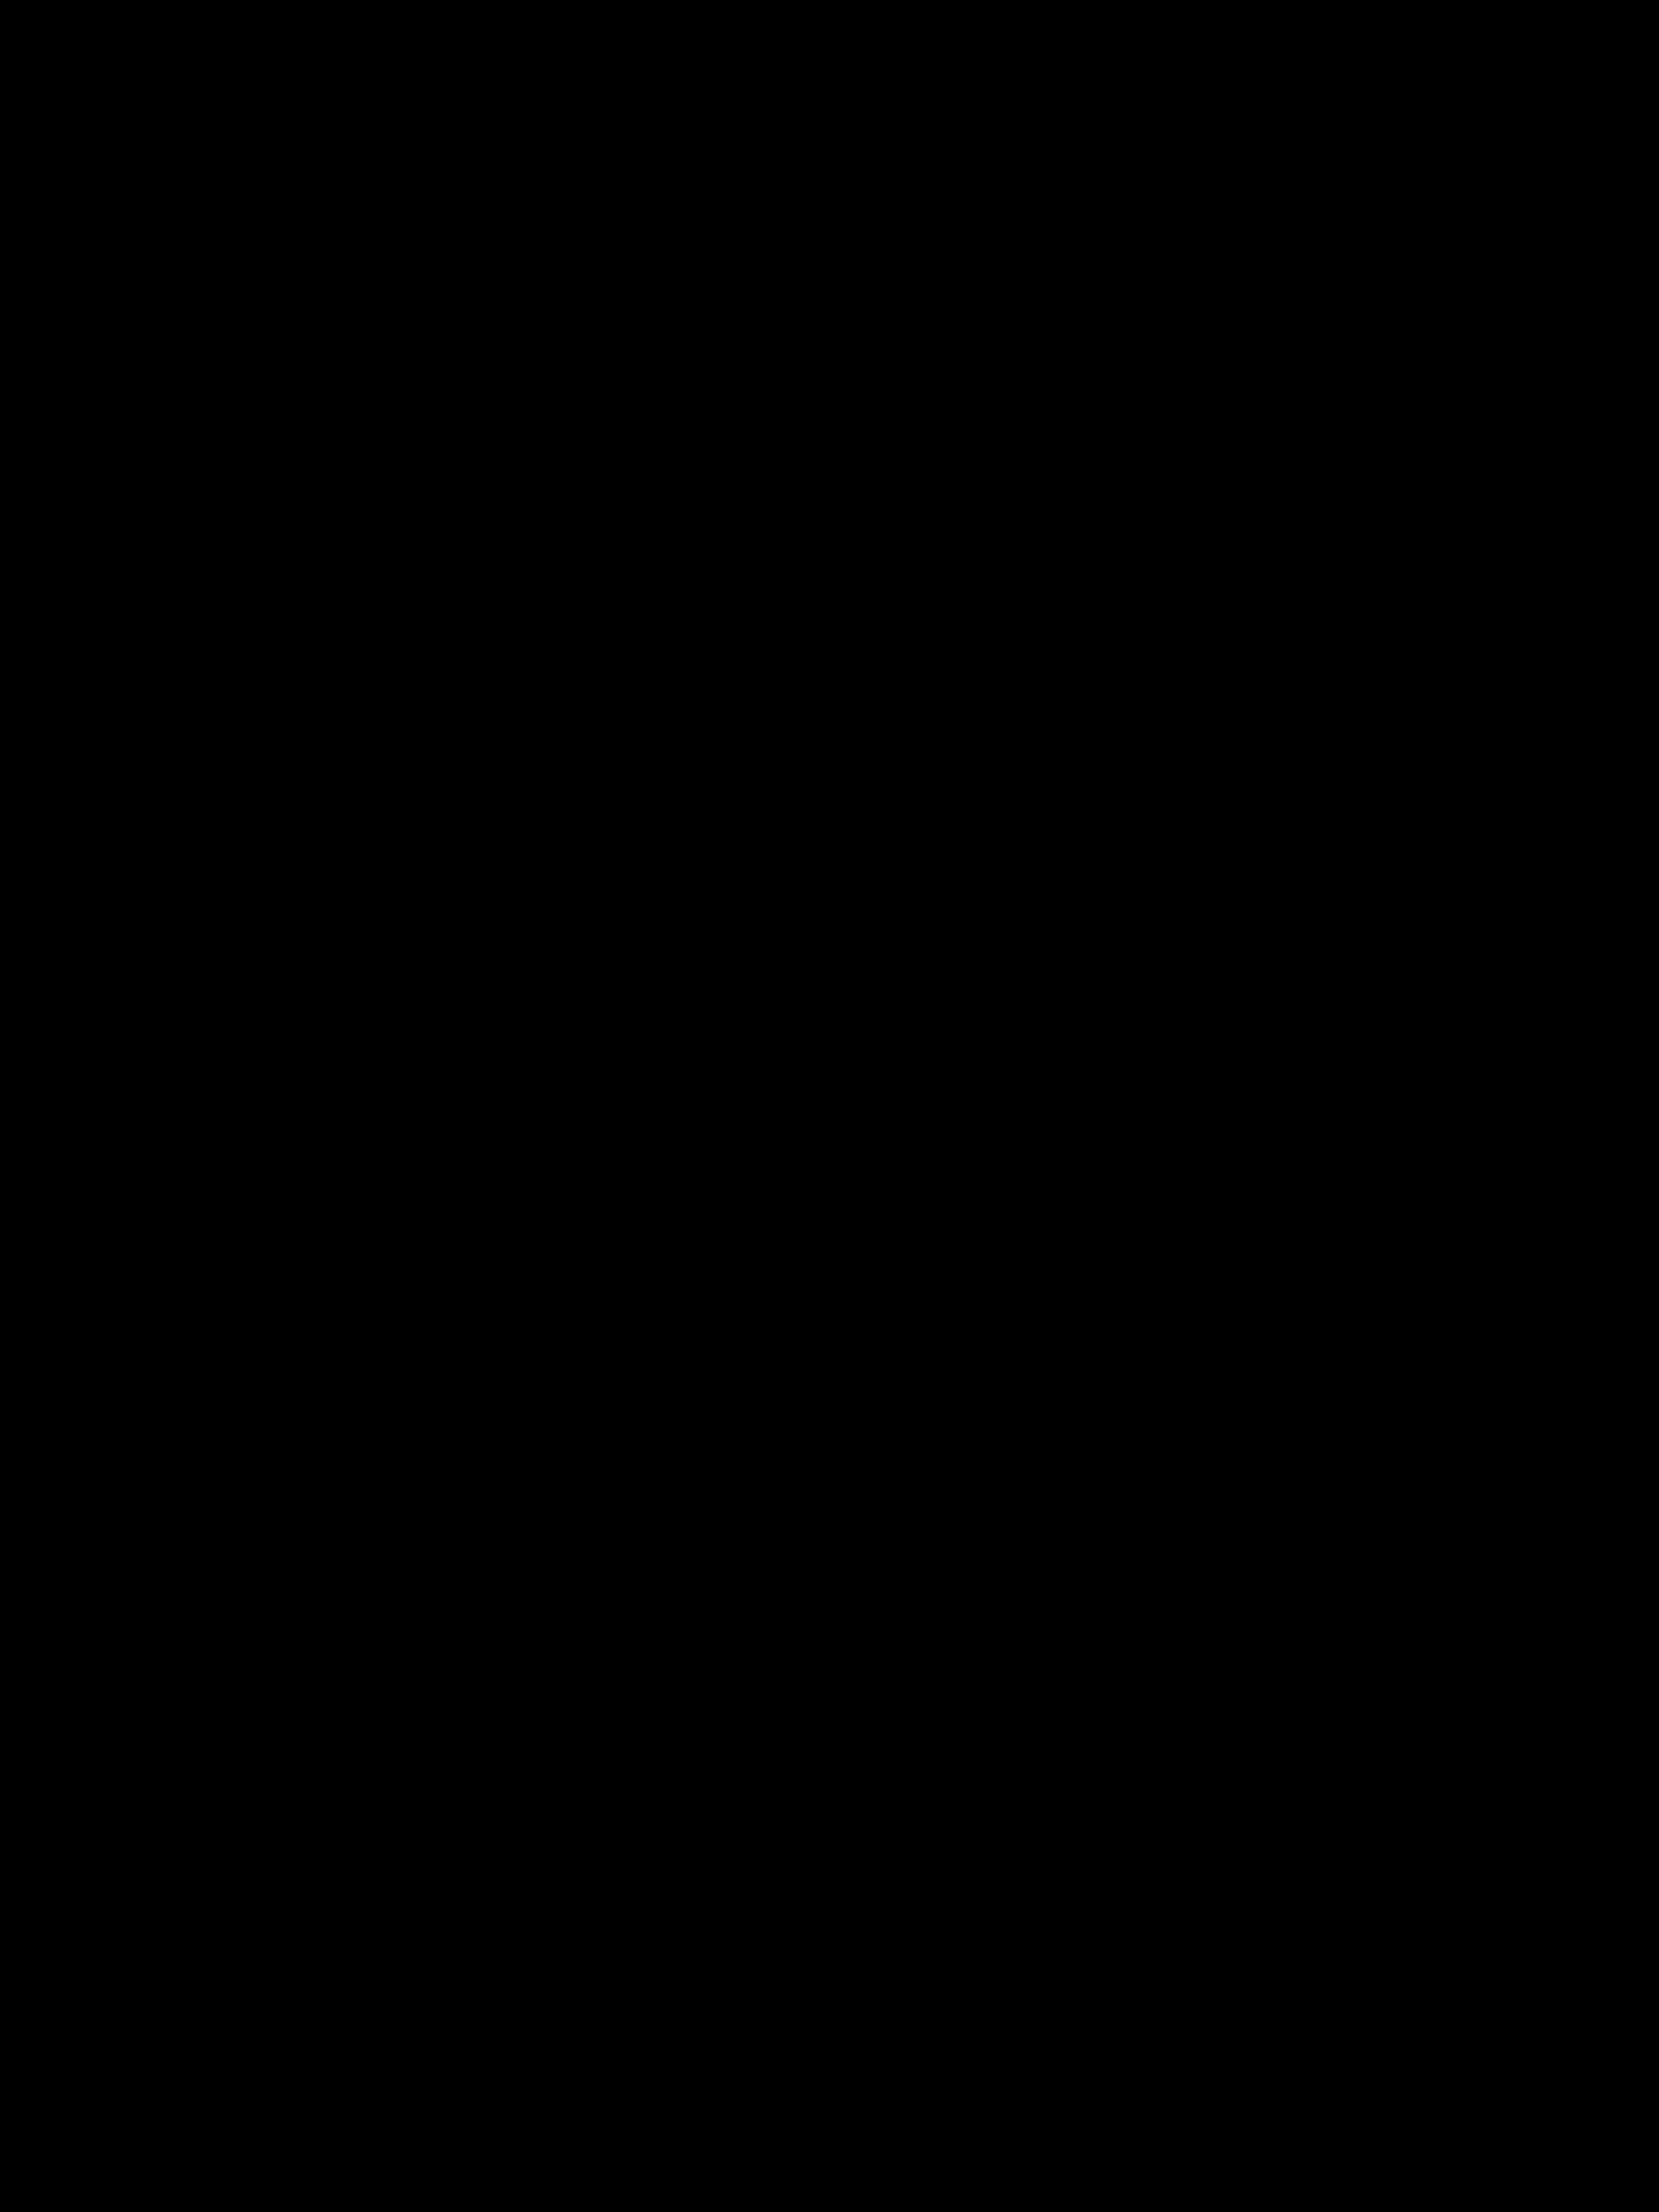 fullsizerender-1